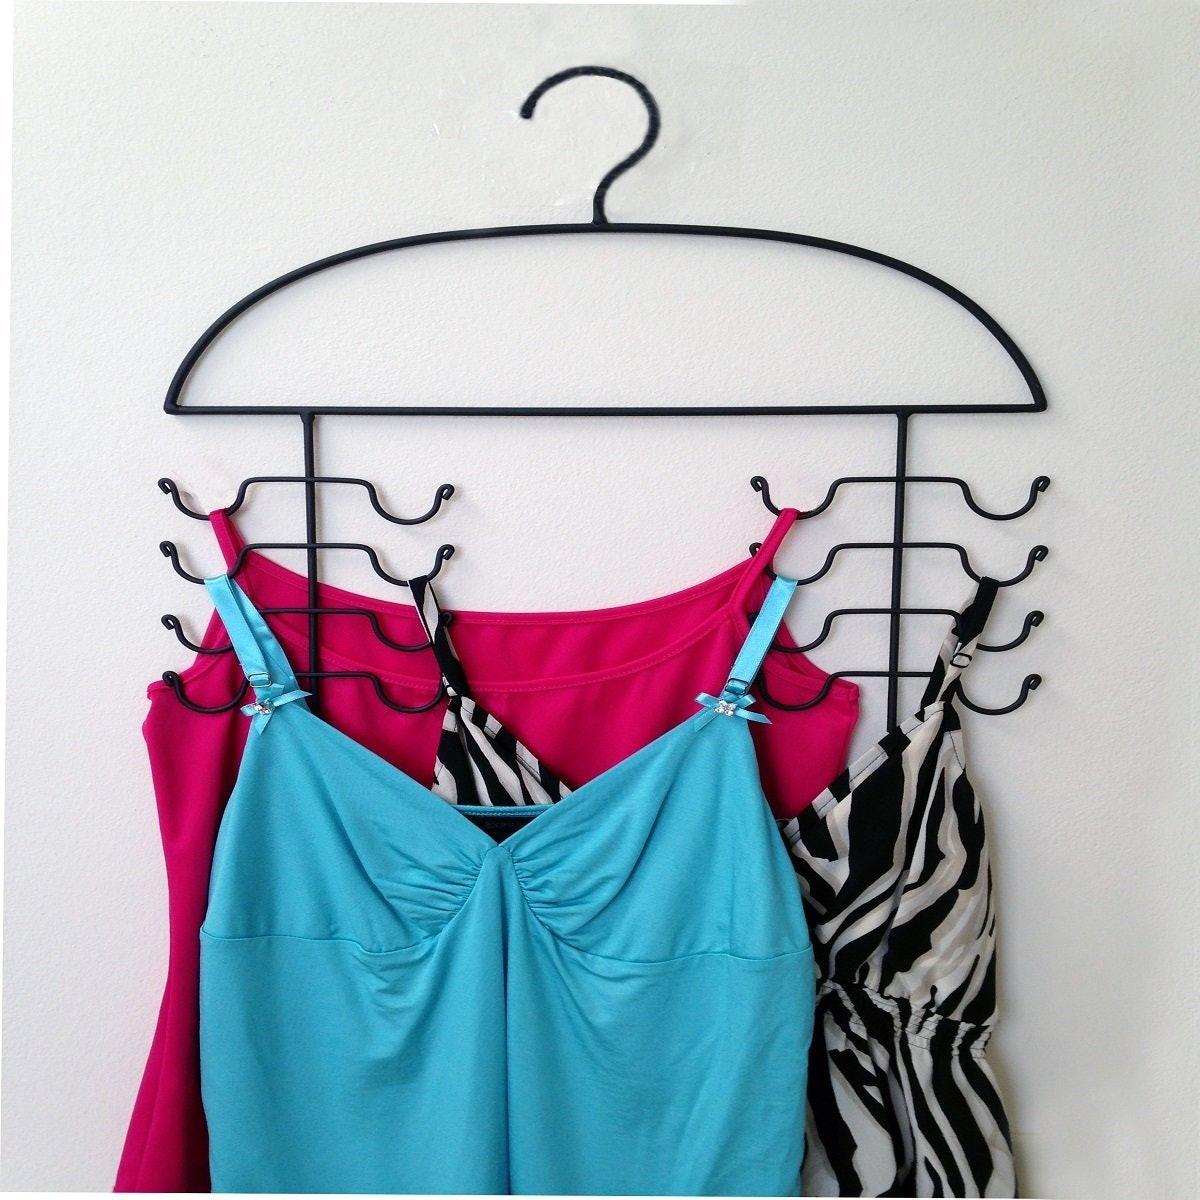 Beau The 12 Best Closet Hangers